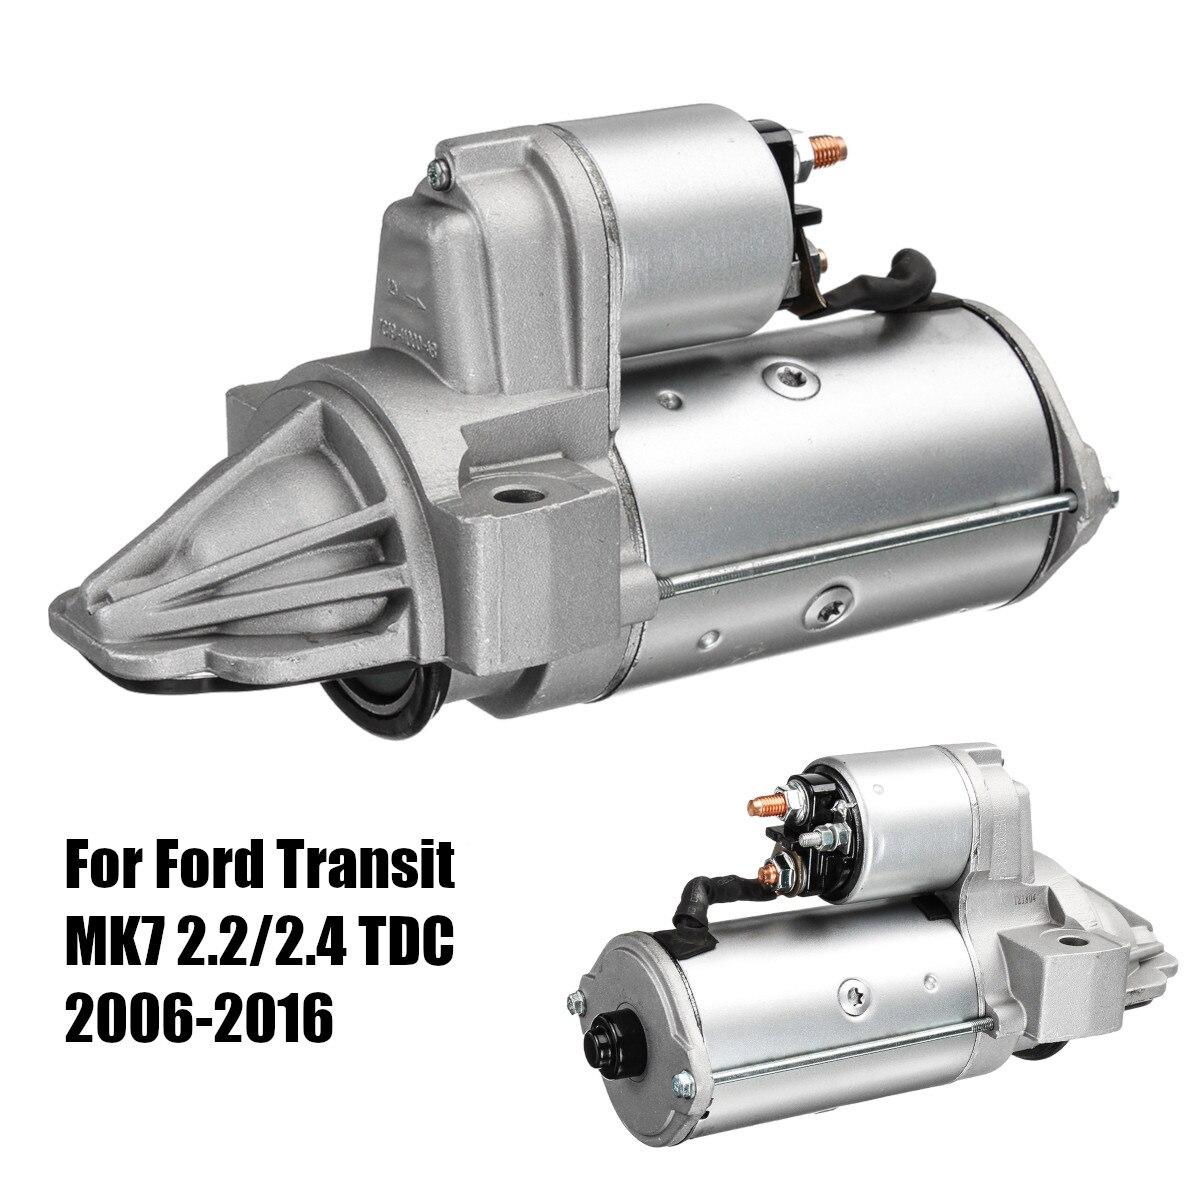 전기 스타터 모터 0001109205, 0001109305, 0001109324, 0001109325 for ford transit mk7 2.2/2.4 tdc 2006-2016